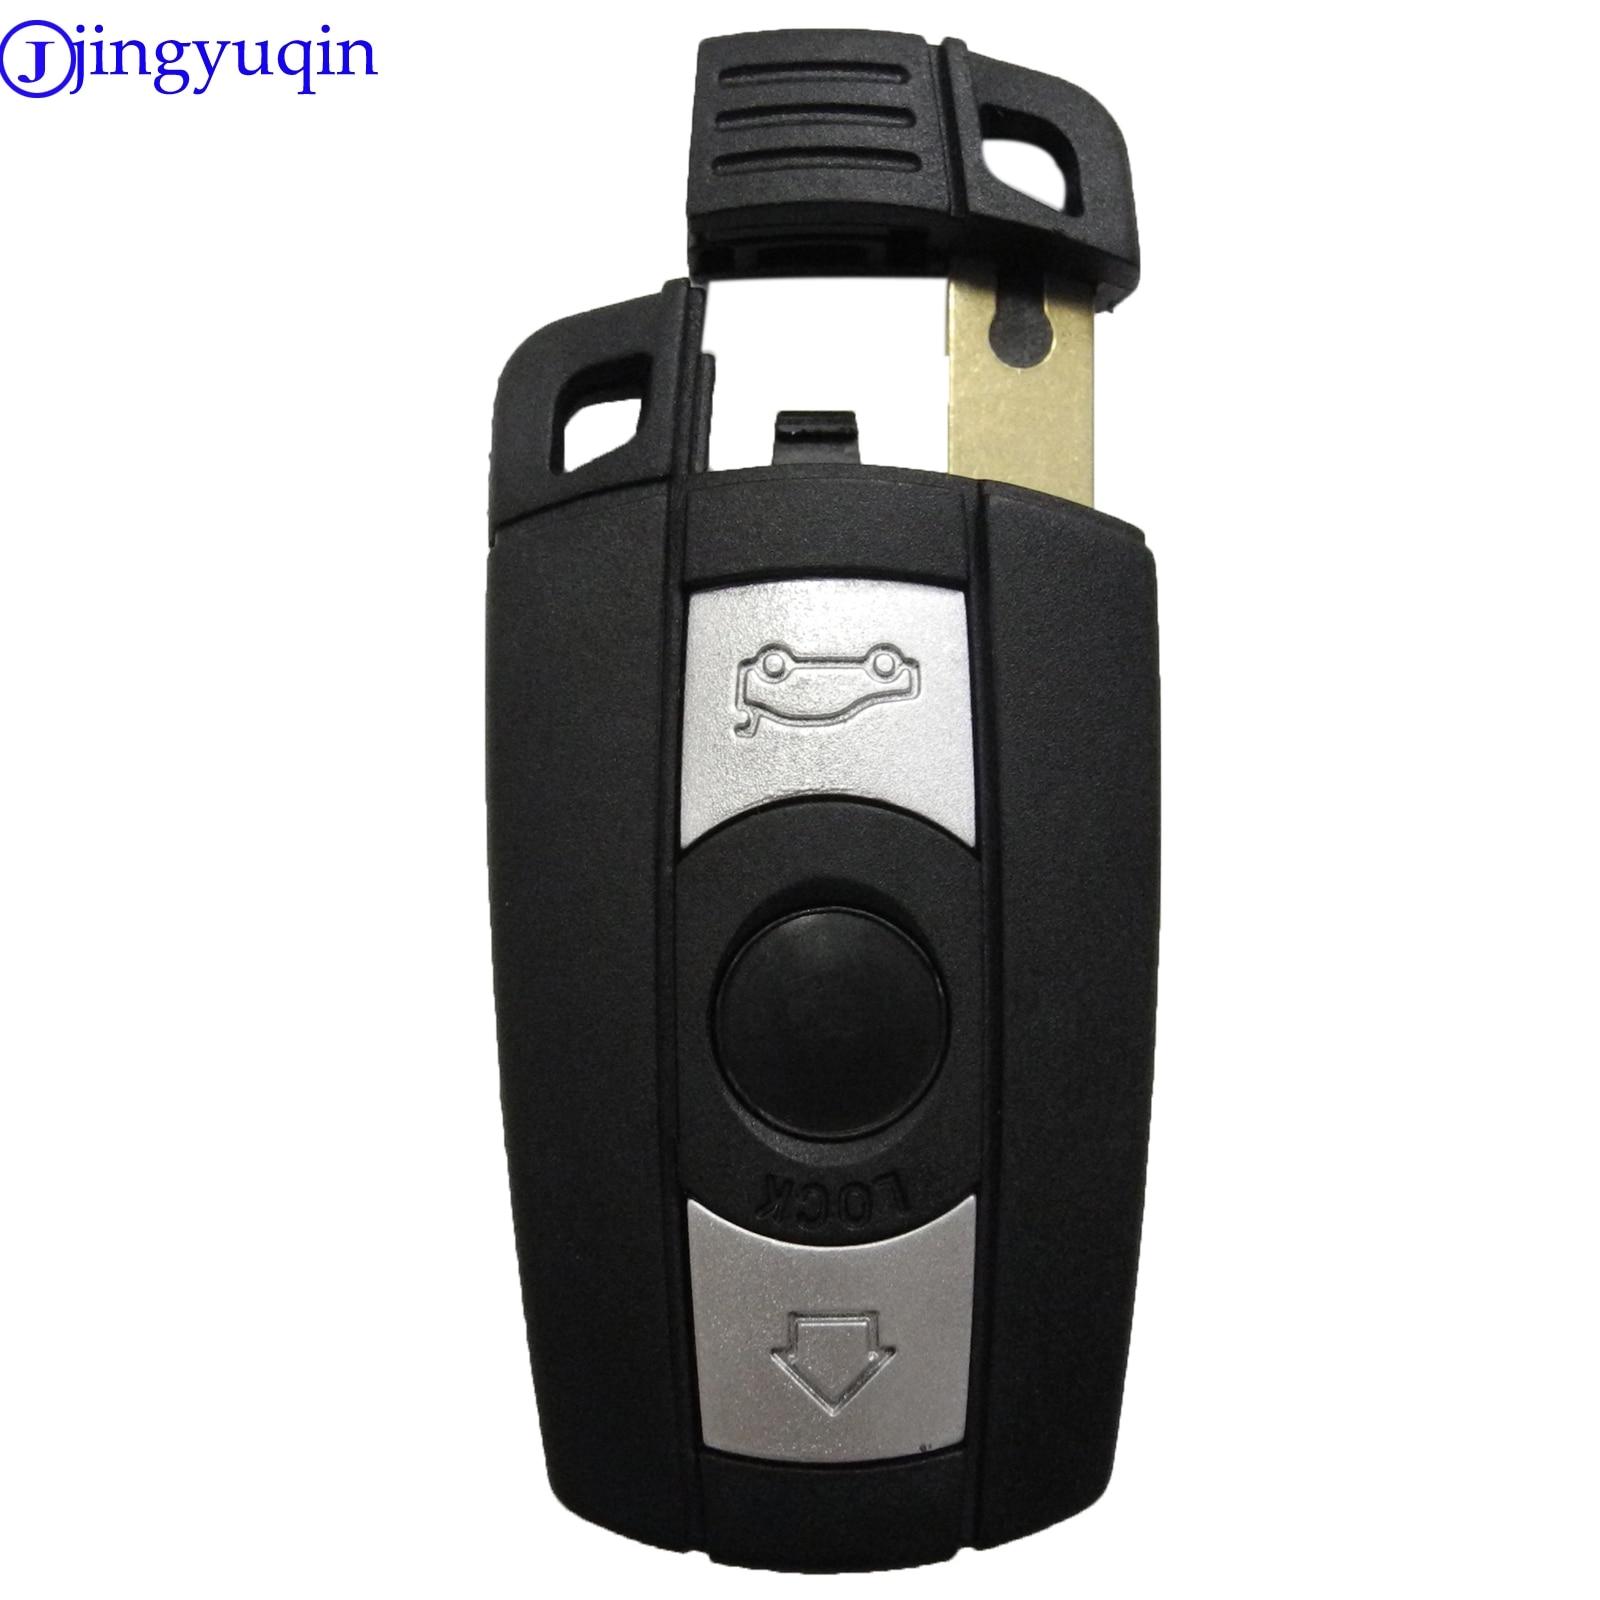 Étui à clé de voiture jingyuqin à distance pour Mercedes Benz B C E S ML SLK CLK classe 2